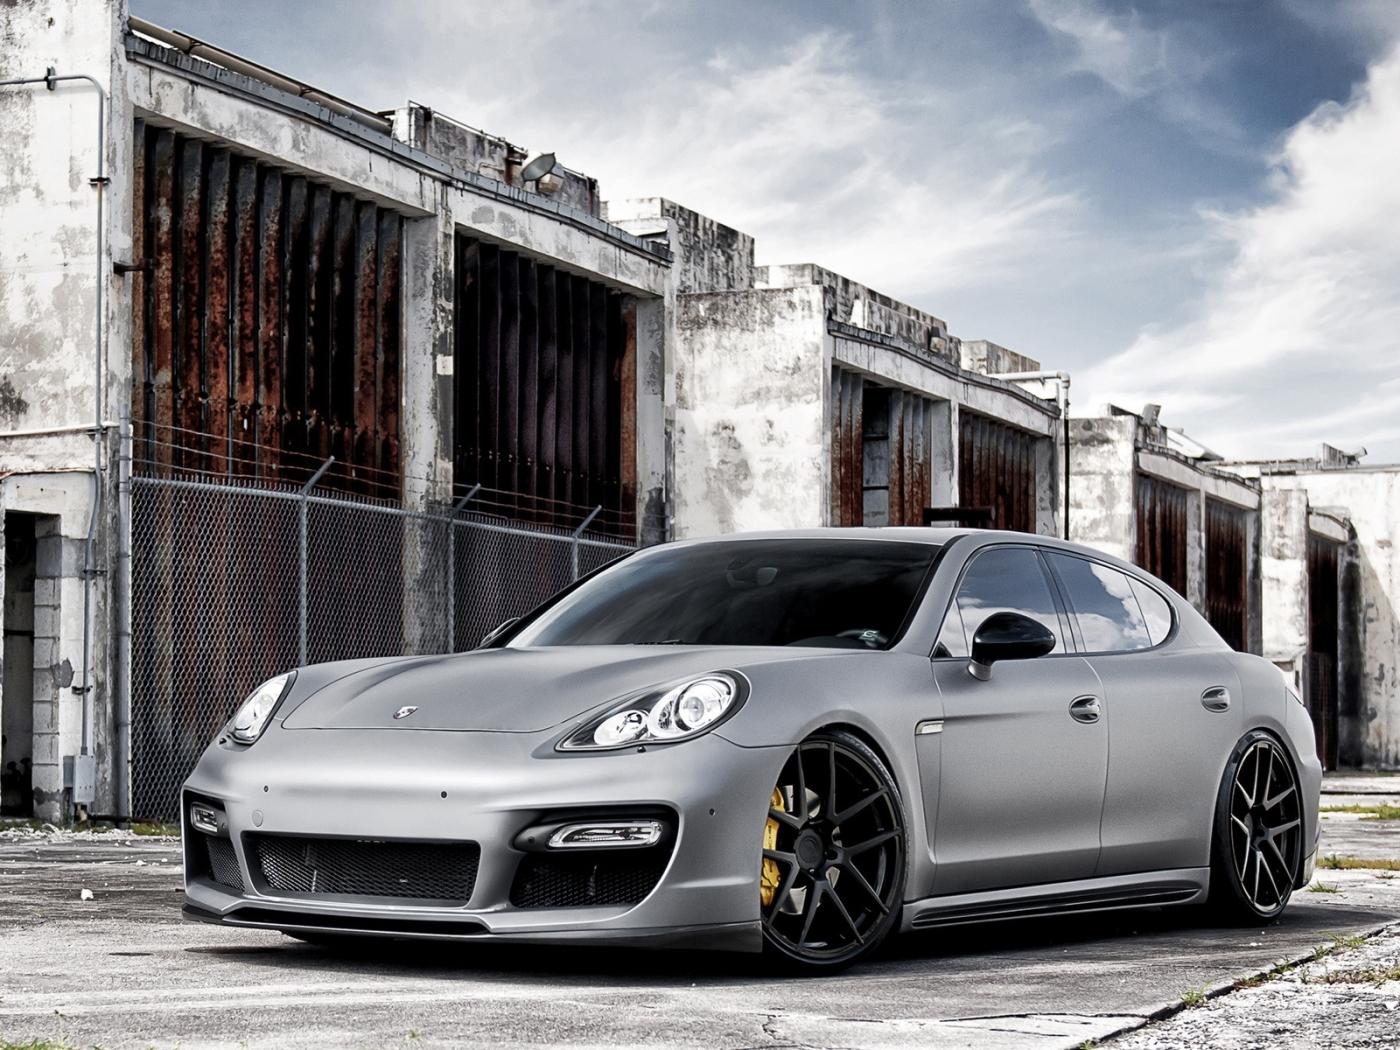 27851 скачать обои Транспорт, Машины, Порш (Porsche) - заставки и картинки бесплатно